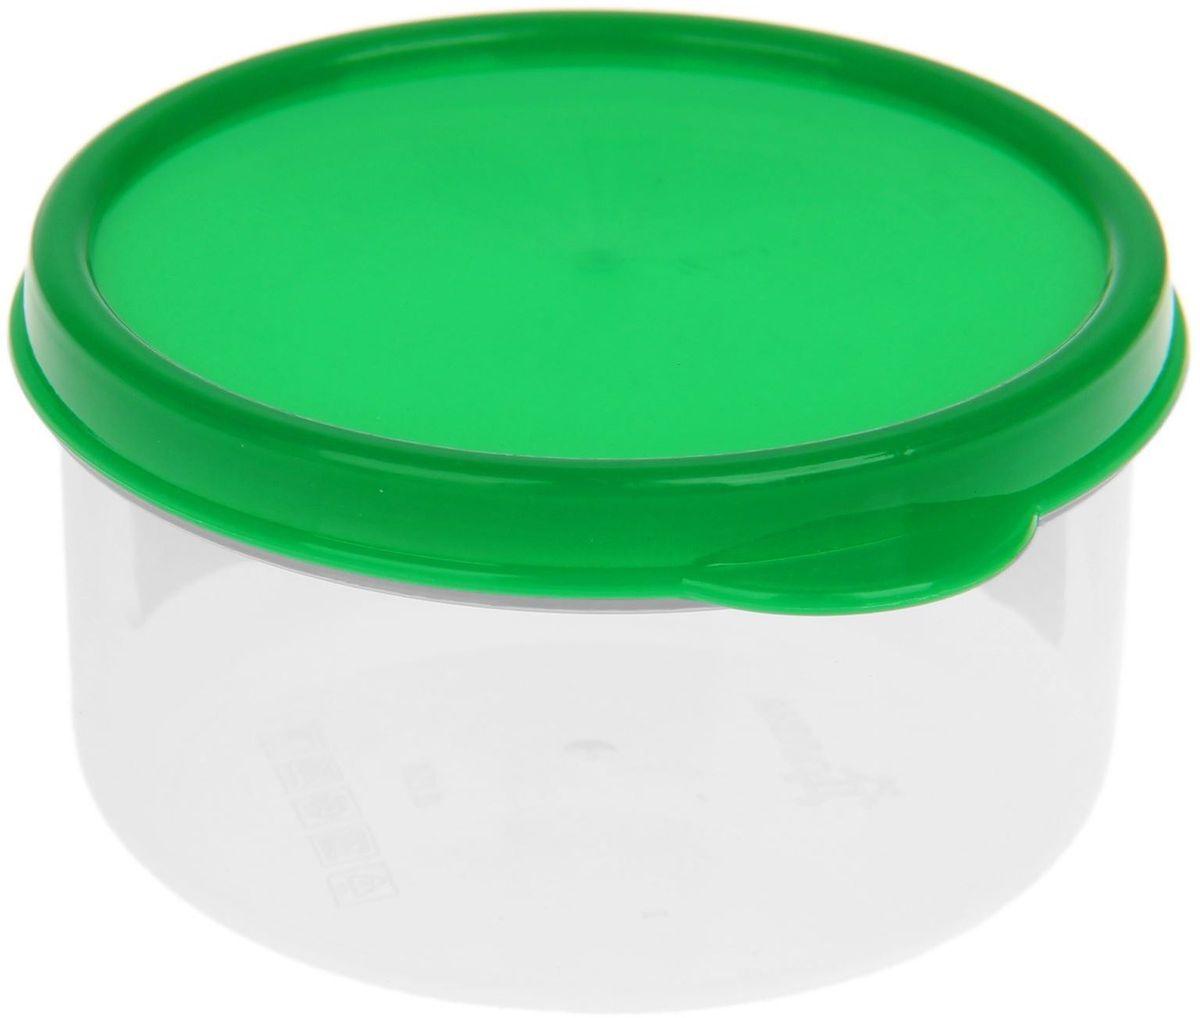 Контейнер пищевой Доляна, круглый, цвет: зеленый, 150 млVT-1520(SR)Если после вкусного обеда осталась еда, а насладиться трапезой хочется и на следующий день, ланч-бокс станет отличным решением данной проблемы!Такой контейнер является незаменимым предметом кухонной утвари, ведь у него много преимуществ:Простота ухода. Ланч-бокс достаточно промыть тёплой водой с небольшим количеством чистящего средства, и он снова готов к использованию.Вместительность. Большой выбор форм и объёма поможет разместить разнообразные продукты от сахара до супов.Эргономичность. Ланч-боксы очень легко хранить даже в самой маленькой кухне, так как их можно поставить один в другой по принципу матрёшки.Многофункциональность. Разнообразие цветов и форм делает возможным использование контейнеров не только на кухне, но и в других областях домашнего быта.Любители приготовления обеда на всю семью в большинстве случаев приобретают ланч-боксы наборами, так как это позволяет рассортировать продукты по всевозможным признакам. К тому же контейнеры среднего размера станут незаменимыми помощниками на работе: ведь что может быть приятнее, чем порадовать себя во время обеда прекрасной едой, заботливо сохранённой в контейнере?В качестве материала для изготовления используется пластик, что делает процесс ухода за контейнером ещё более эффективным. К каждому ланч-боксу в комплекте также прилагается крышка подходящего размера, это позволяет плотно и надёжно удерживать запах еды и упрощает процесс транспортировки.Однако рекомендуется соблюдать и меры предосторожности: не использовать пластиковые контейнеры в духовых шкафах и на открытом огне, а также не разогревать в микроволновых печах при закрытой крышке ланч-бокса. Соблюдение мер безопасности позволит продлить срок эксплуатации и сохранить отличный внешний вид изделия.Эргономичный дизайн и многофункциональность таких контейнеров — вот, что является причиной большой популярности данного предмета у каждой хозяйки. А в преддверии лета и дачного сезона такое прио